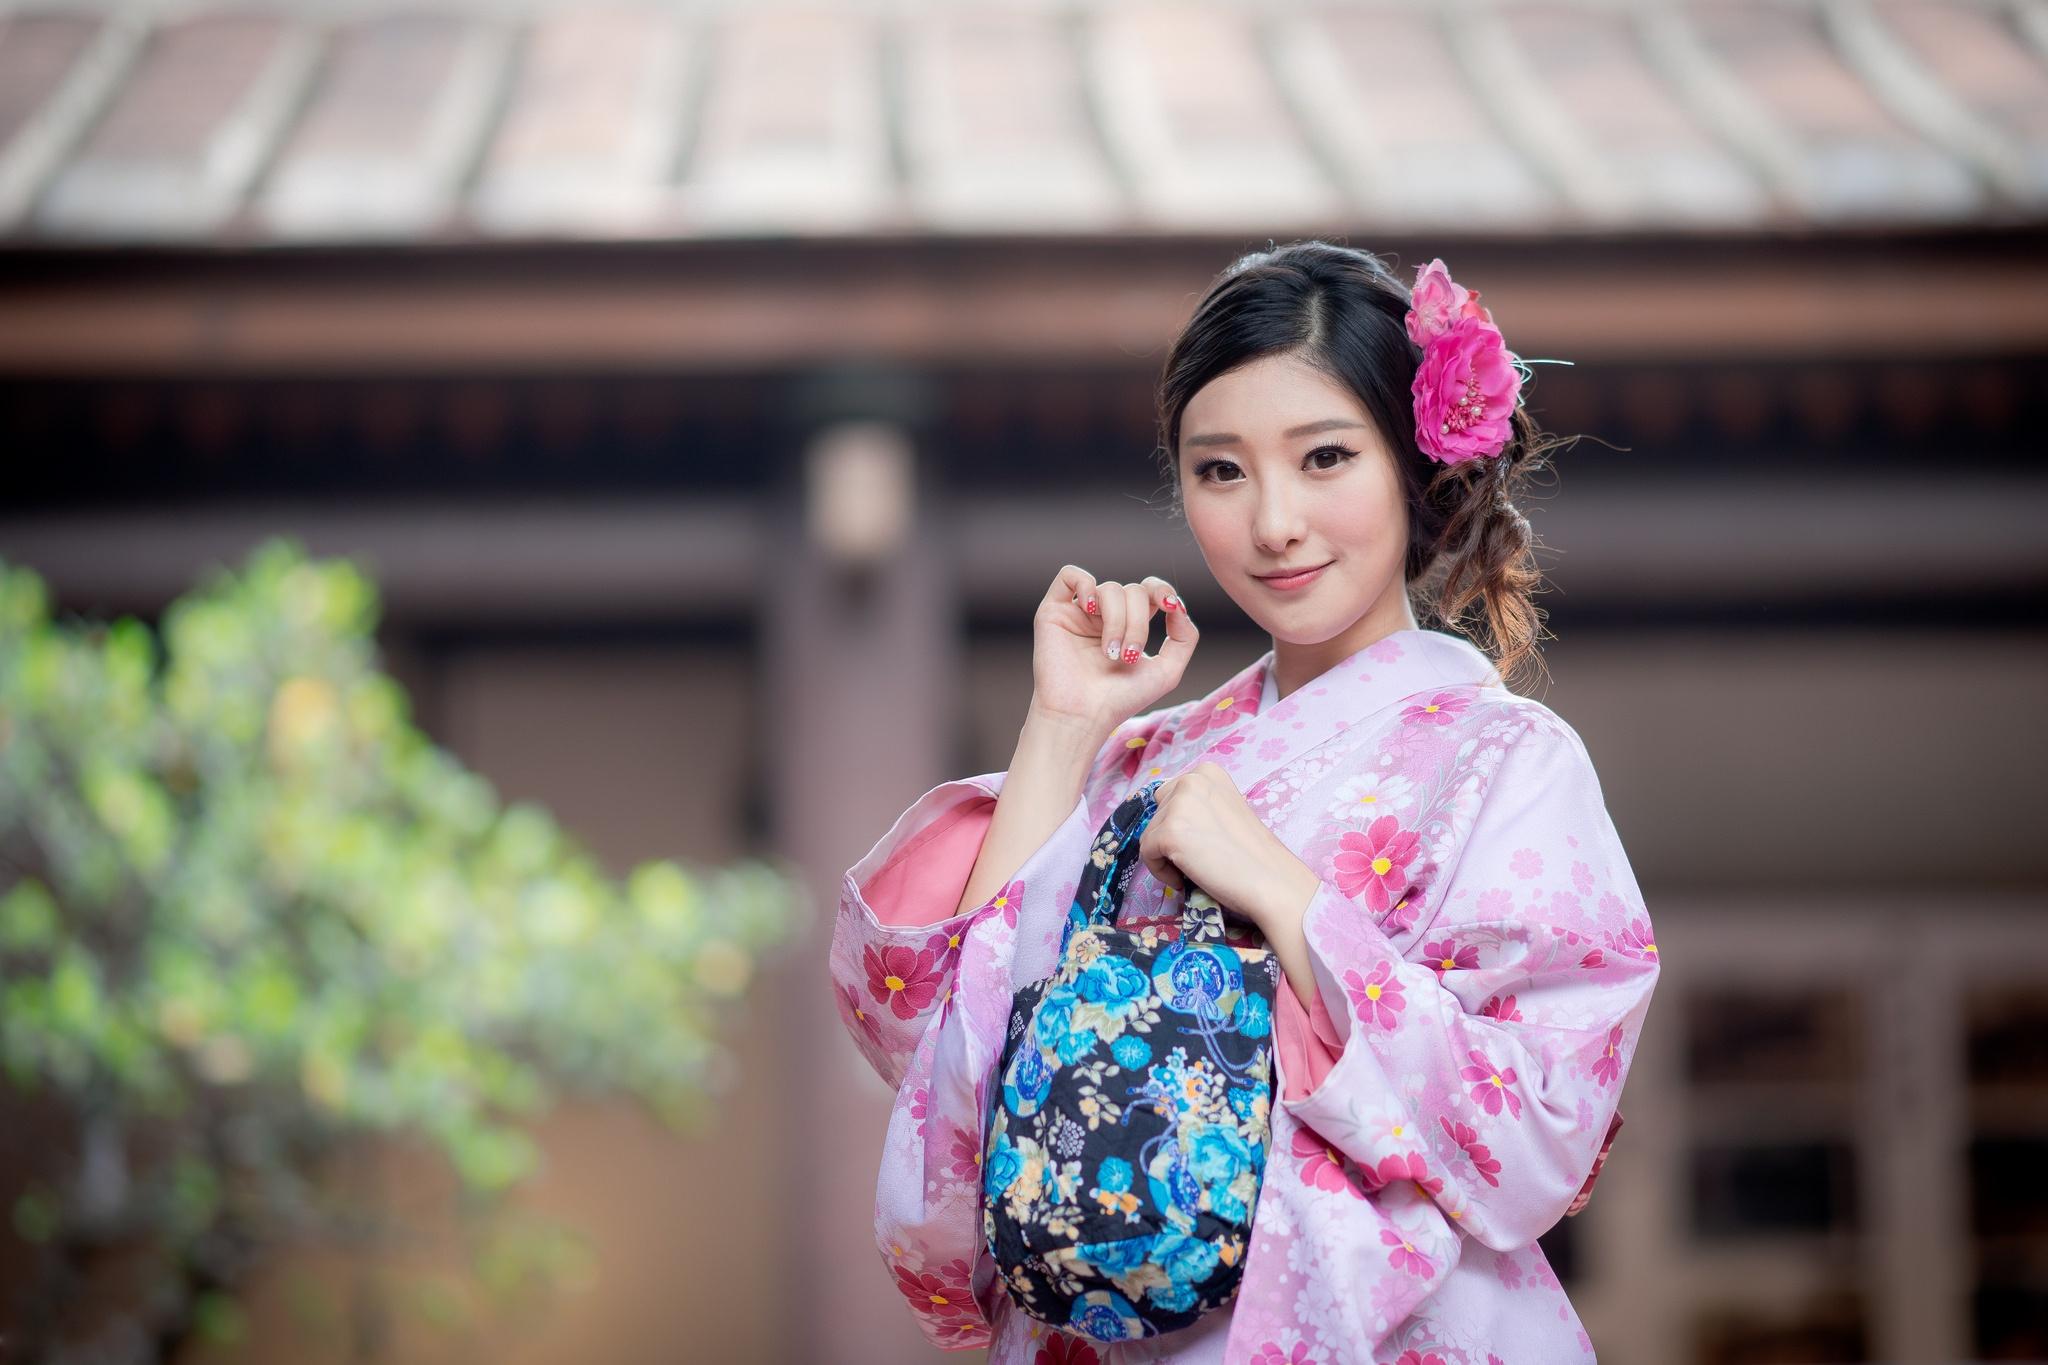 ленивые найти картинку японки корниш-рексов